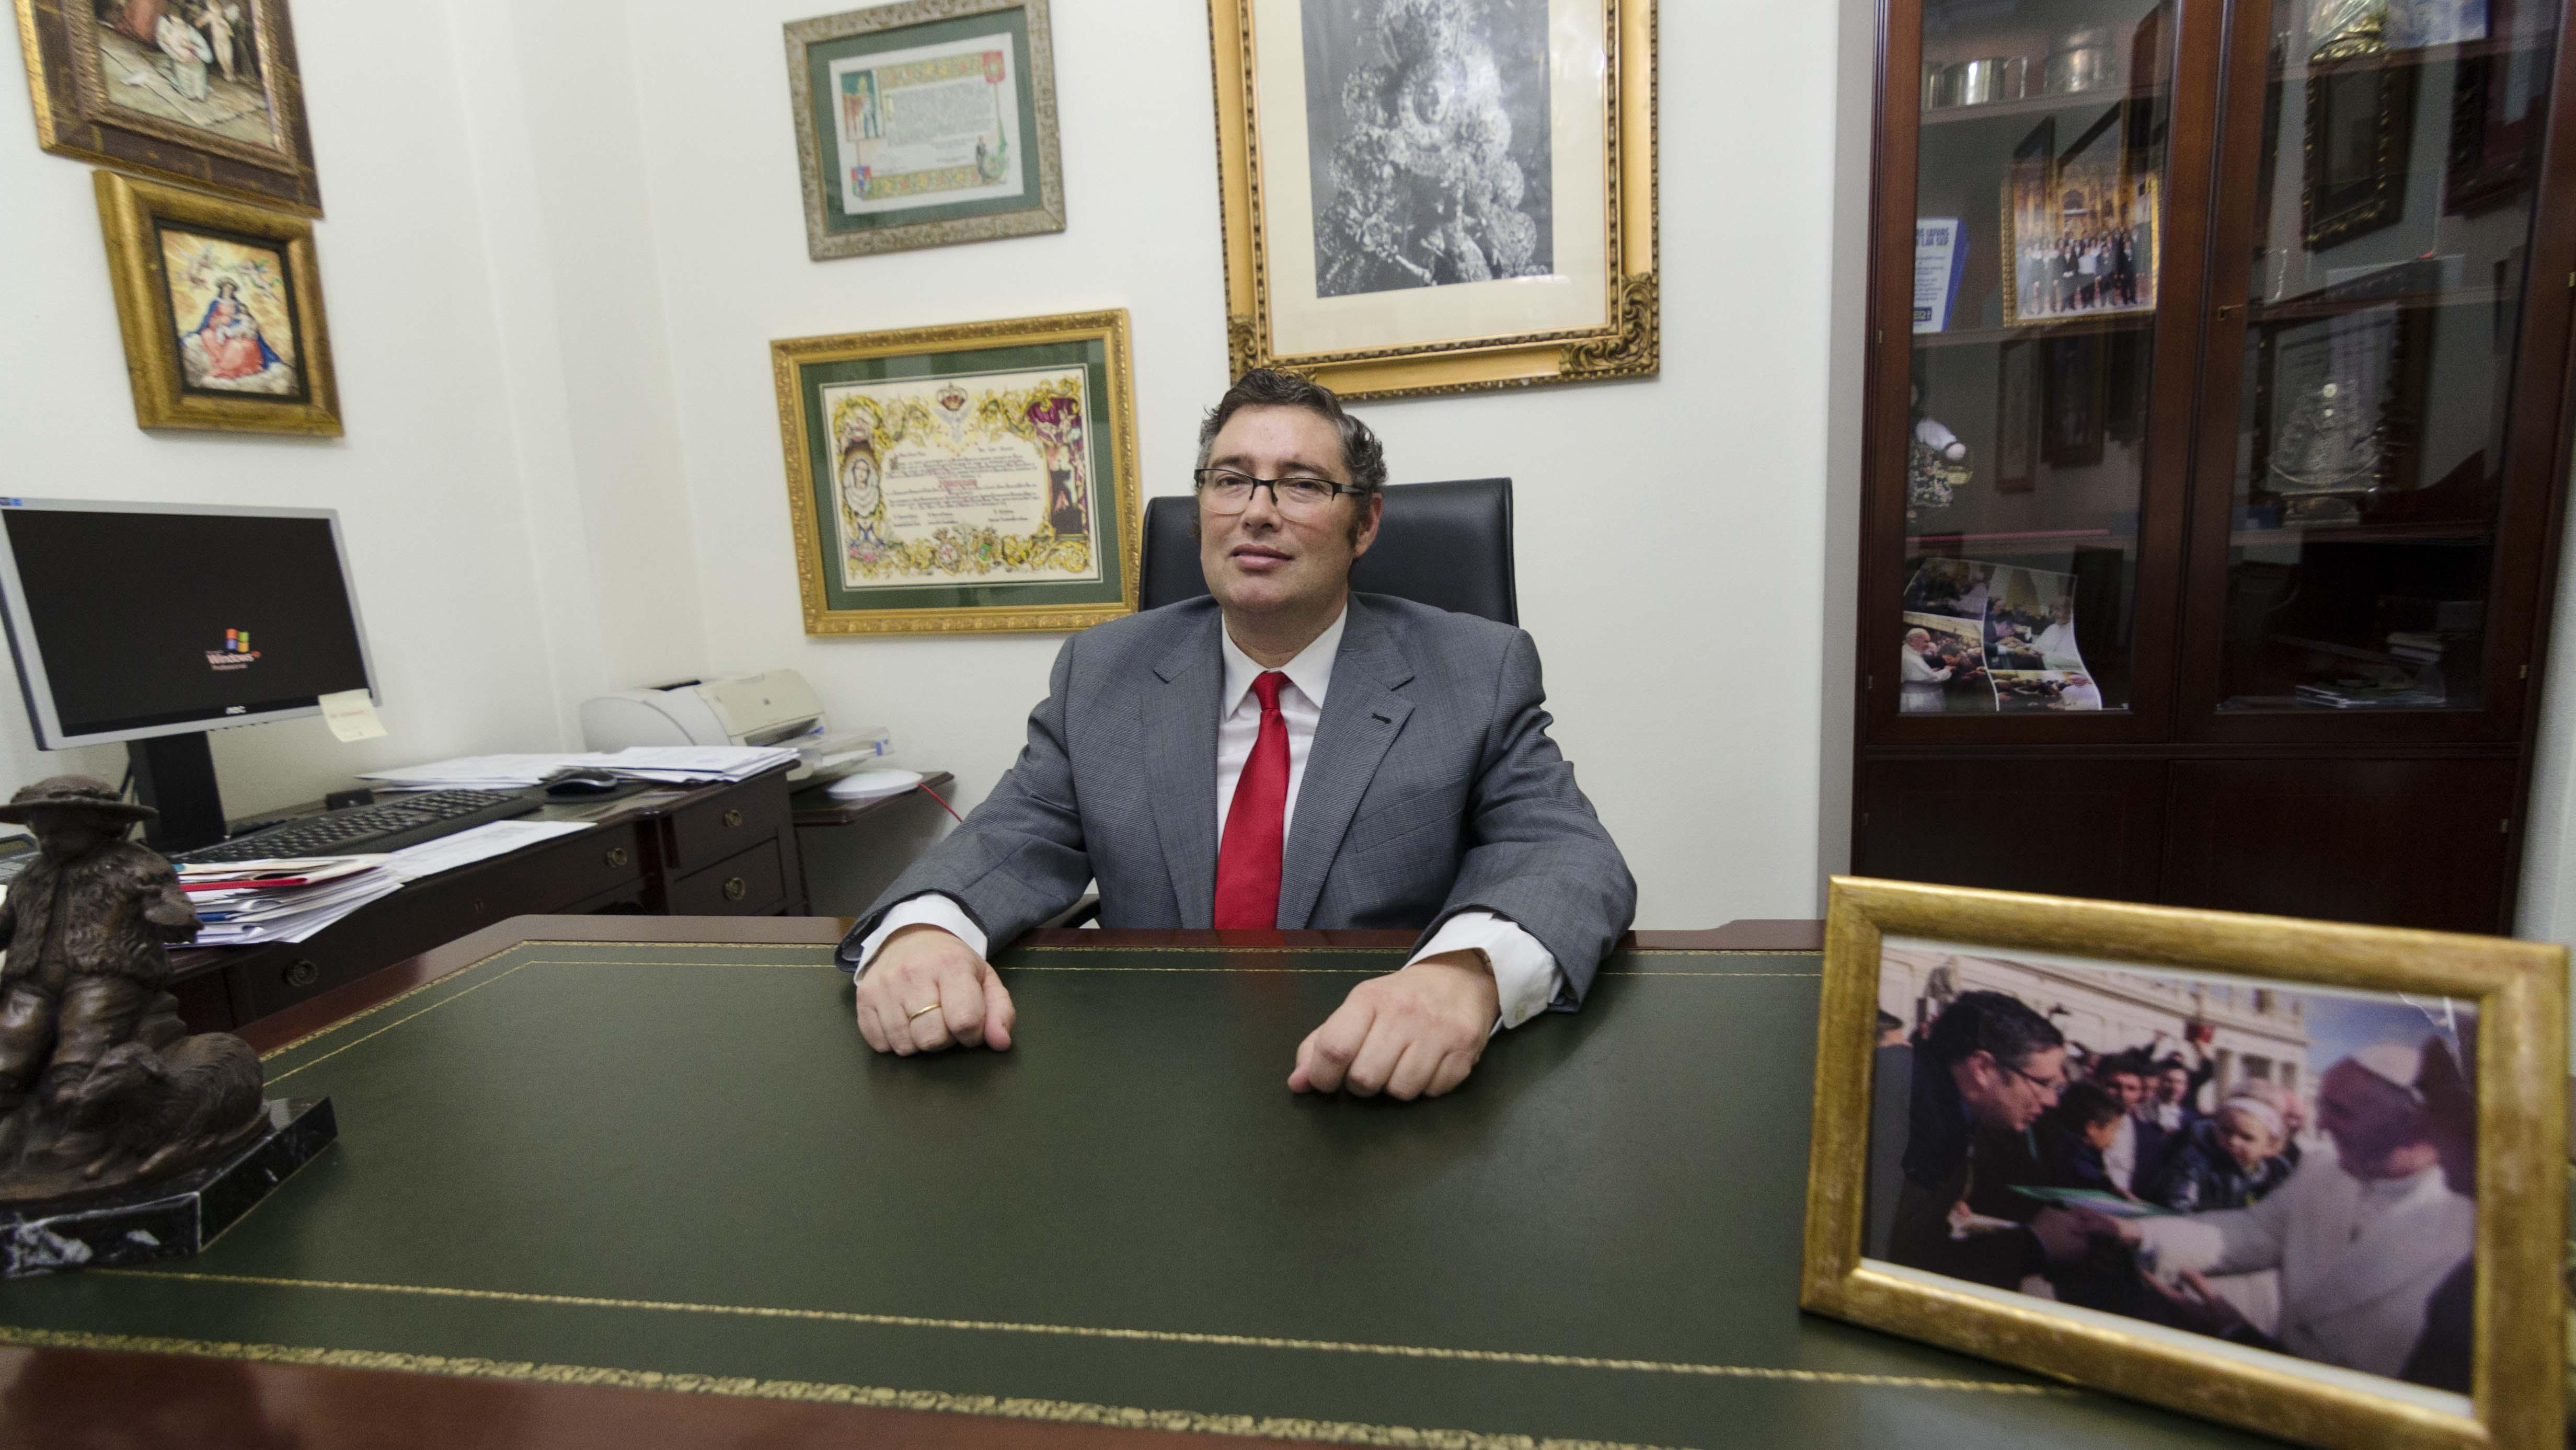 Juan Ignacio Reales recibe a ABC en su despacho en la casa hermandad de la Matriz almonteña